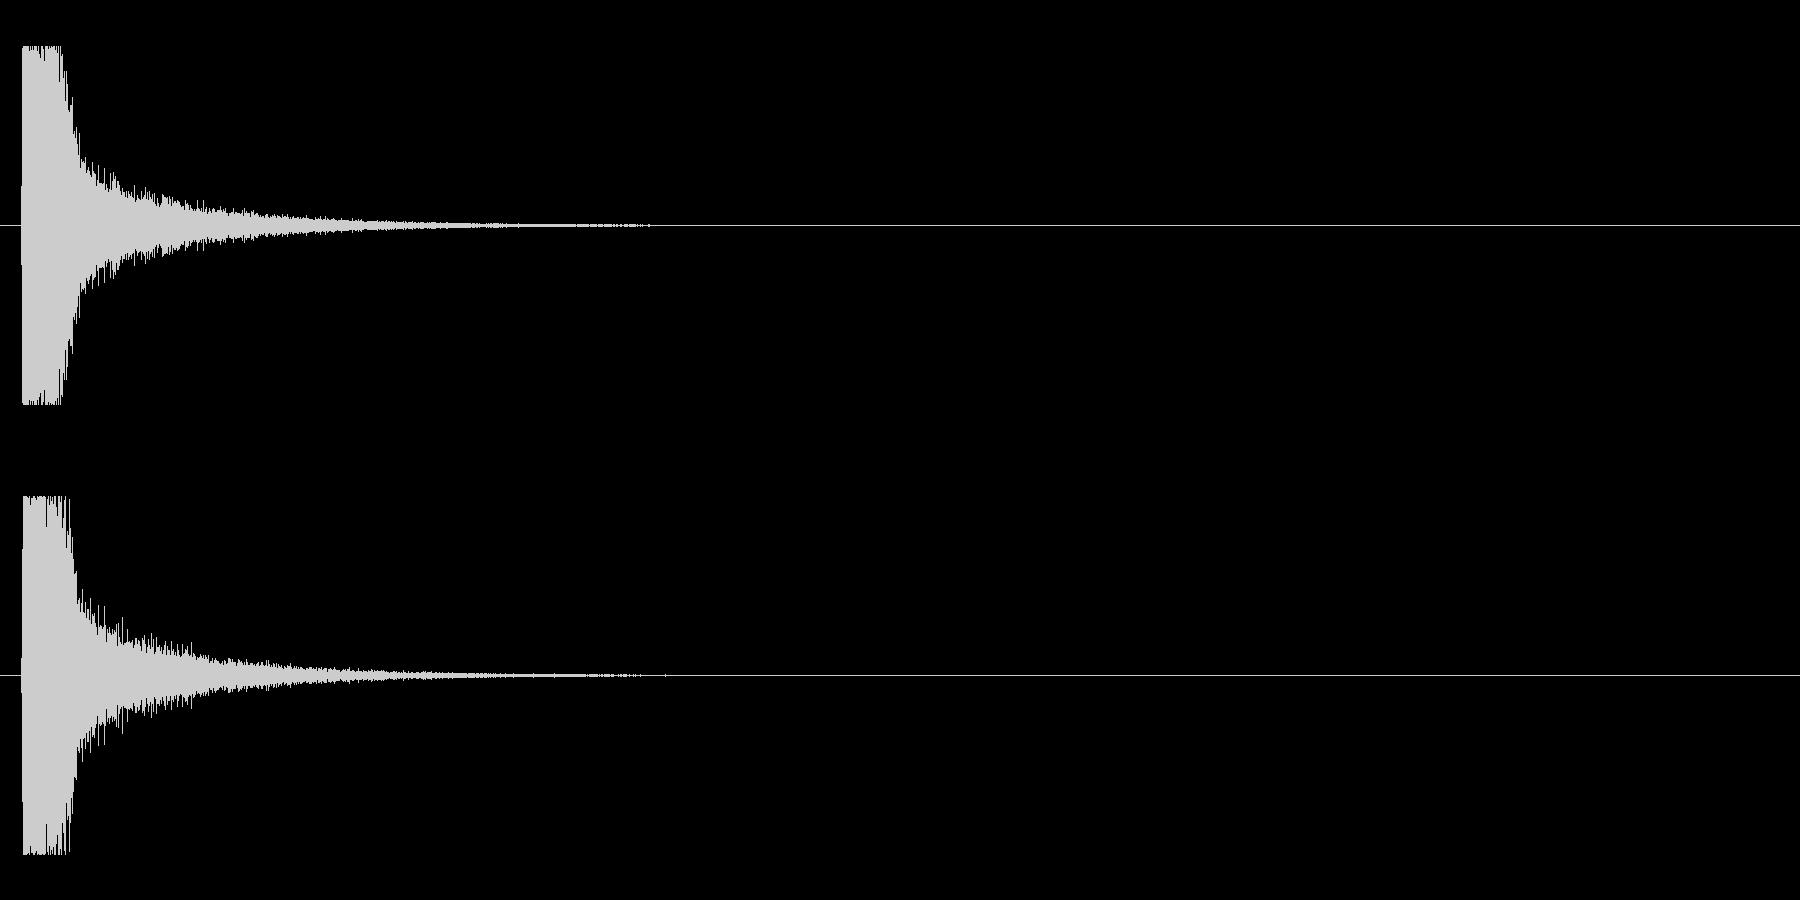 レーザー音-119-1の未再生の波形